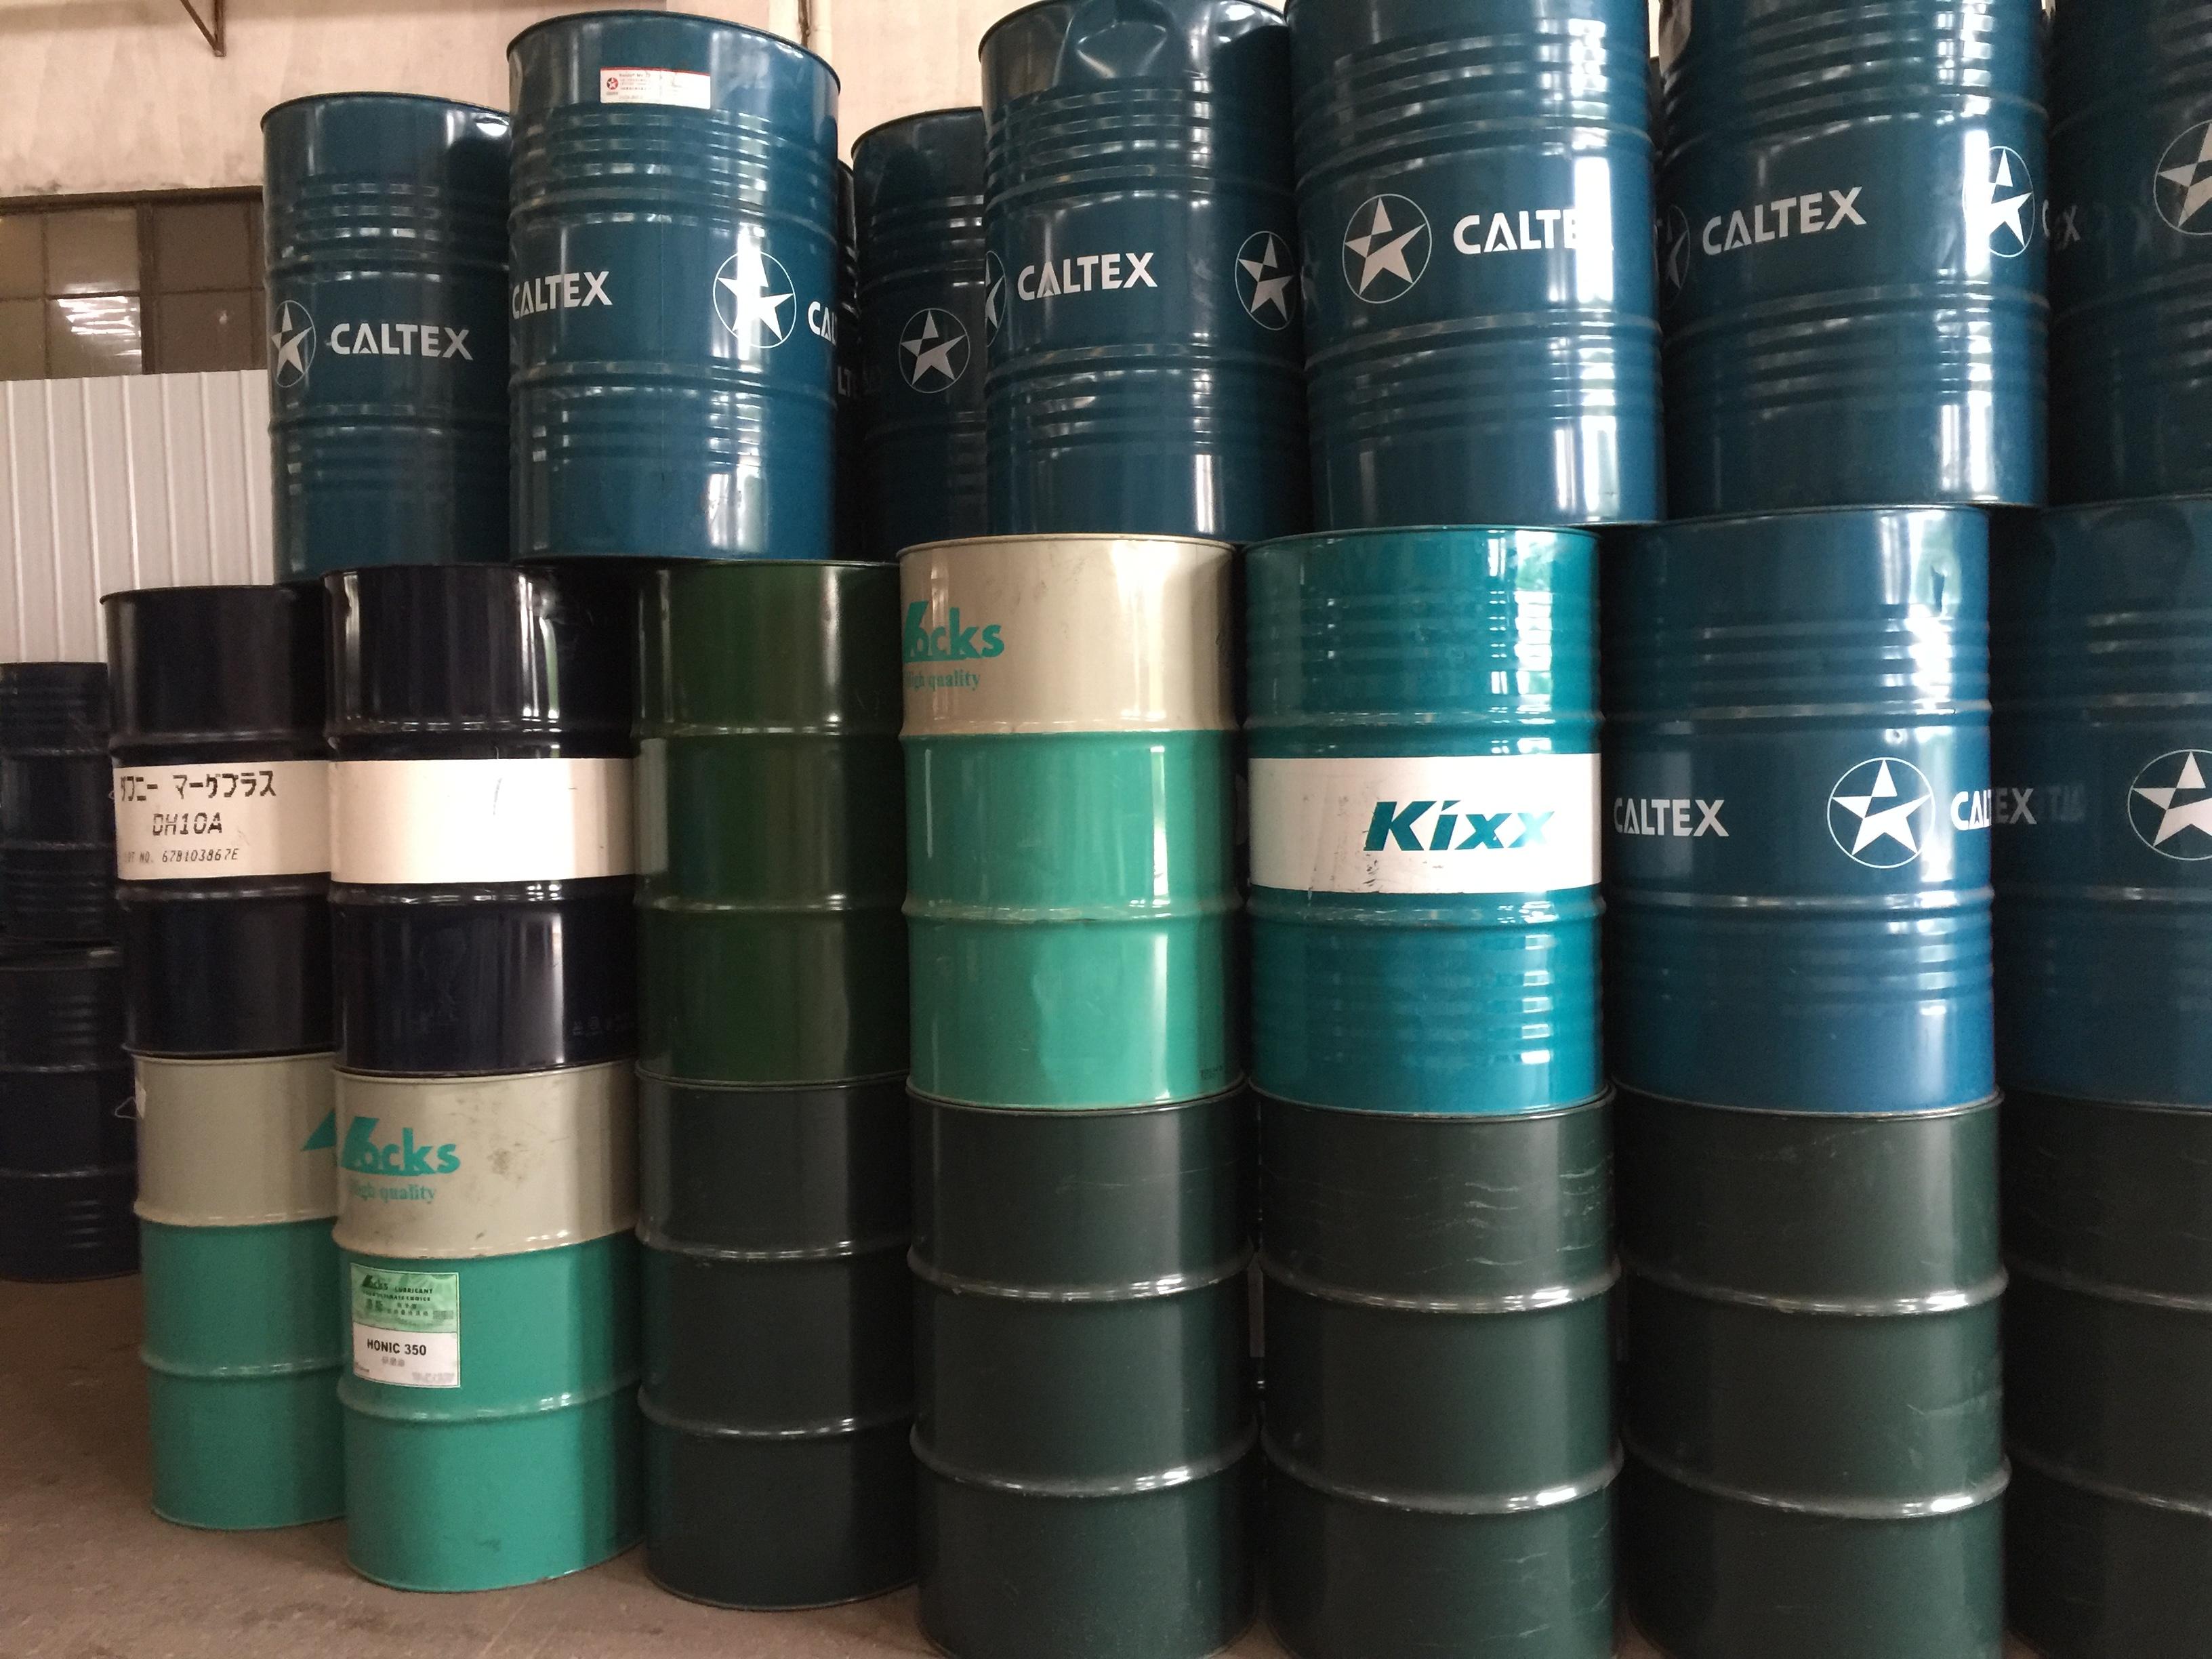 具体要求:需要设计一款200L油桶桶面包装,无具体颜色要求,整体设计需大方简洁,不繁琐,凸显商标logo。 200L铁桶为常规液体包装桶,可百度参考雪佛龙,加德士等大品牌的油桶包装设计。 附件是我们的Manto品牌logo和200L铁桶,供参考